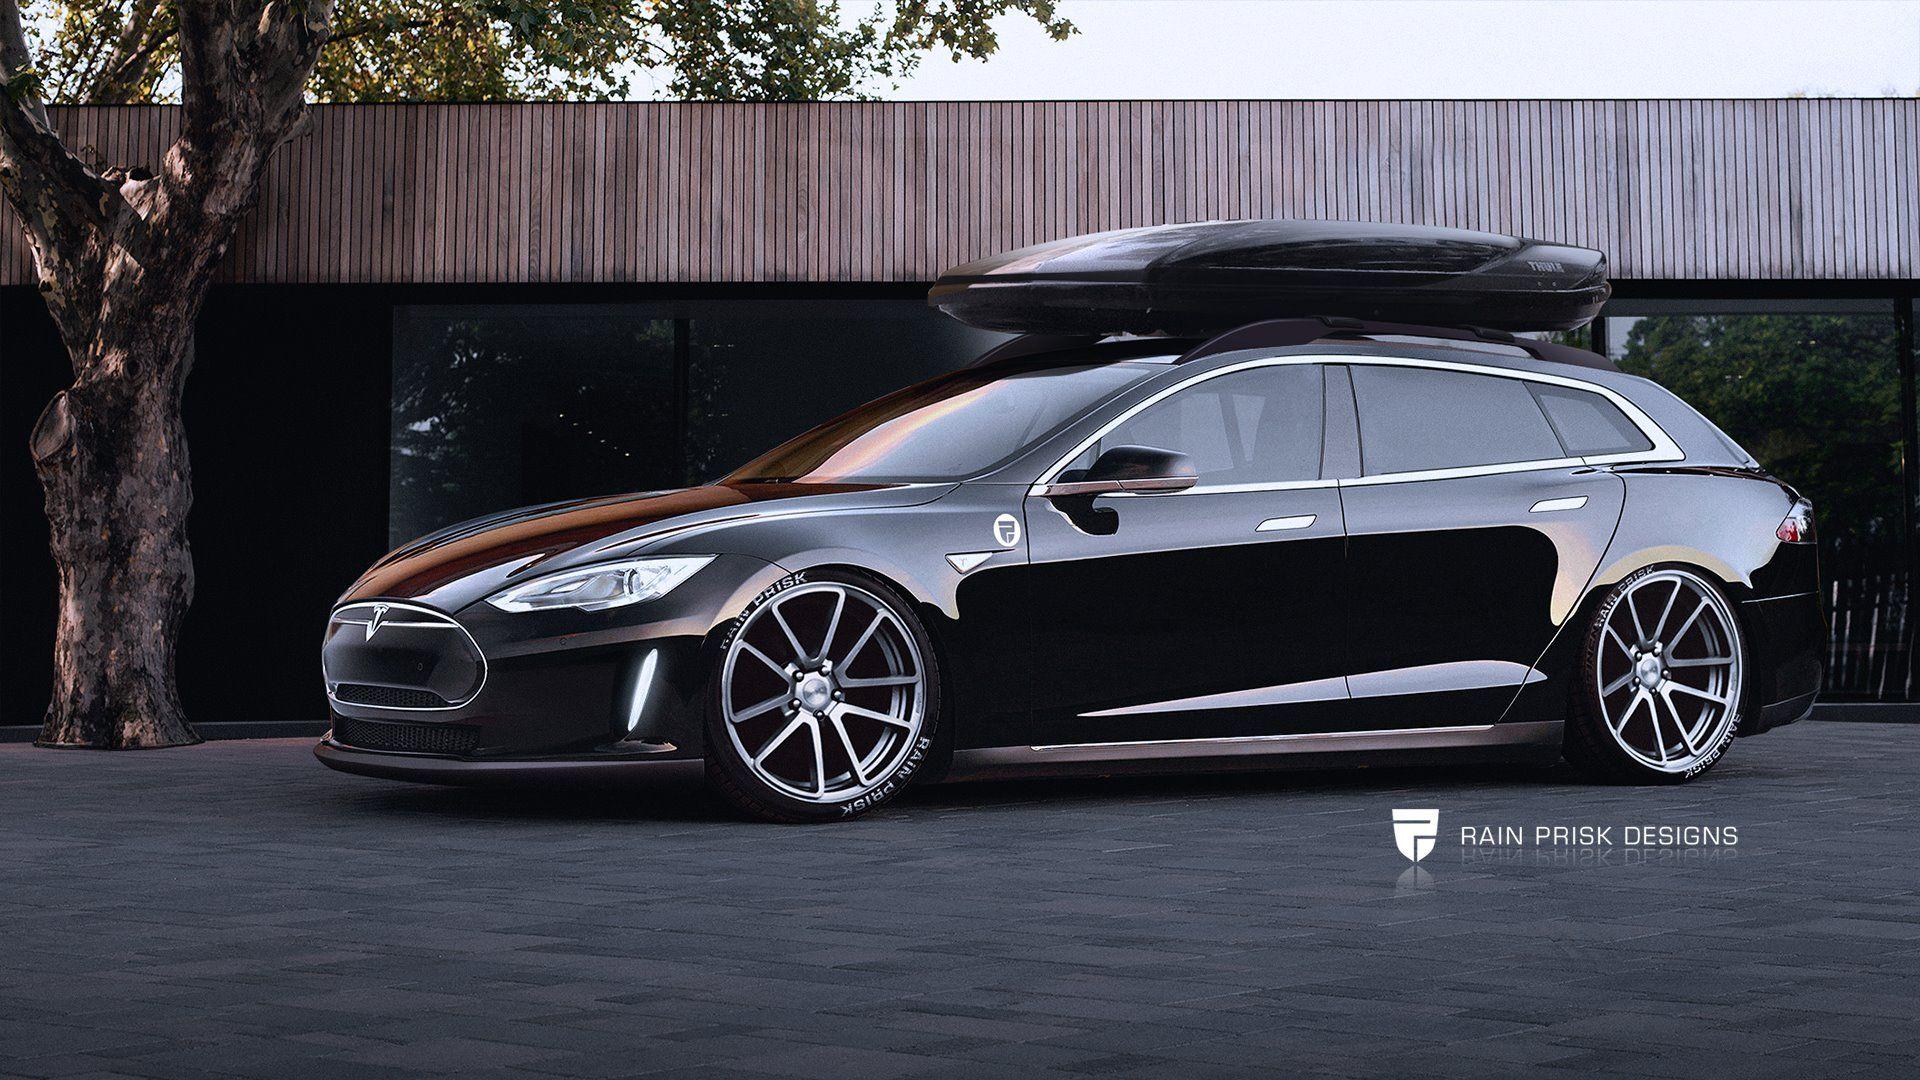 Design of tesla car - Tesla Model S Wagon Render Credit Rain Prisk Designs